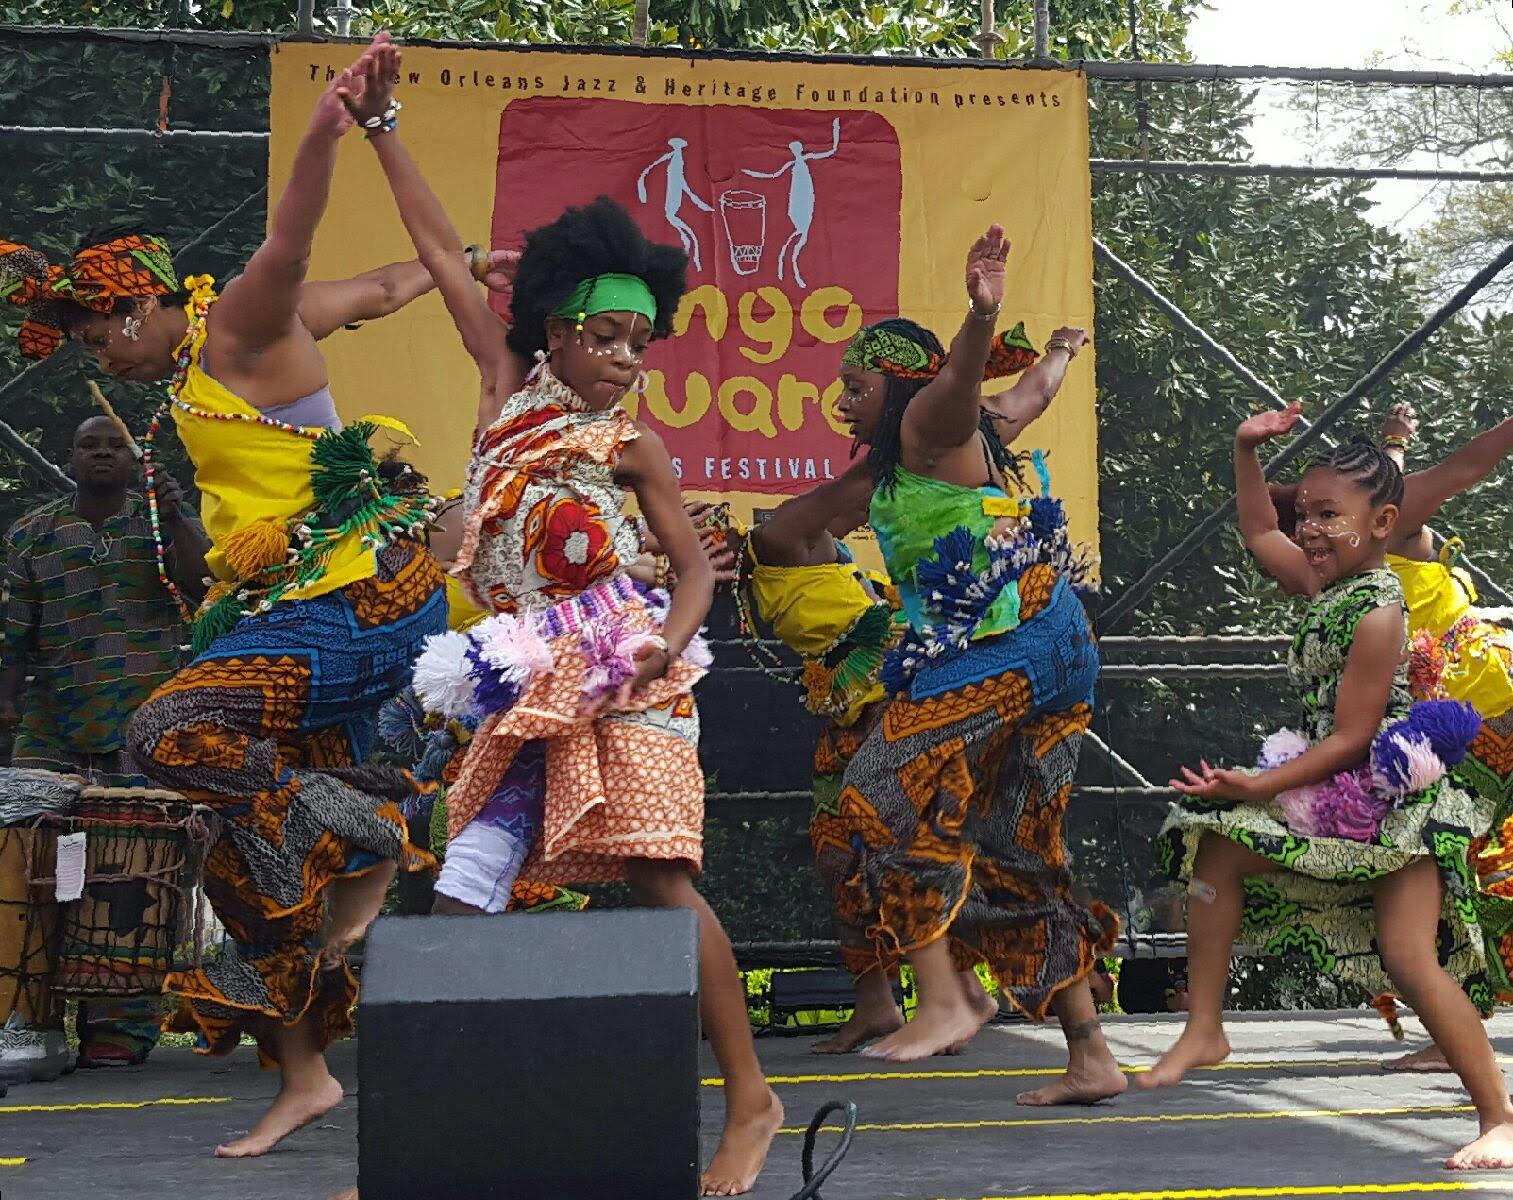 Congo Square Festival 2016